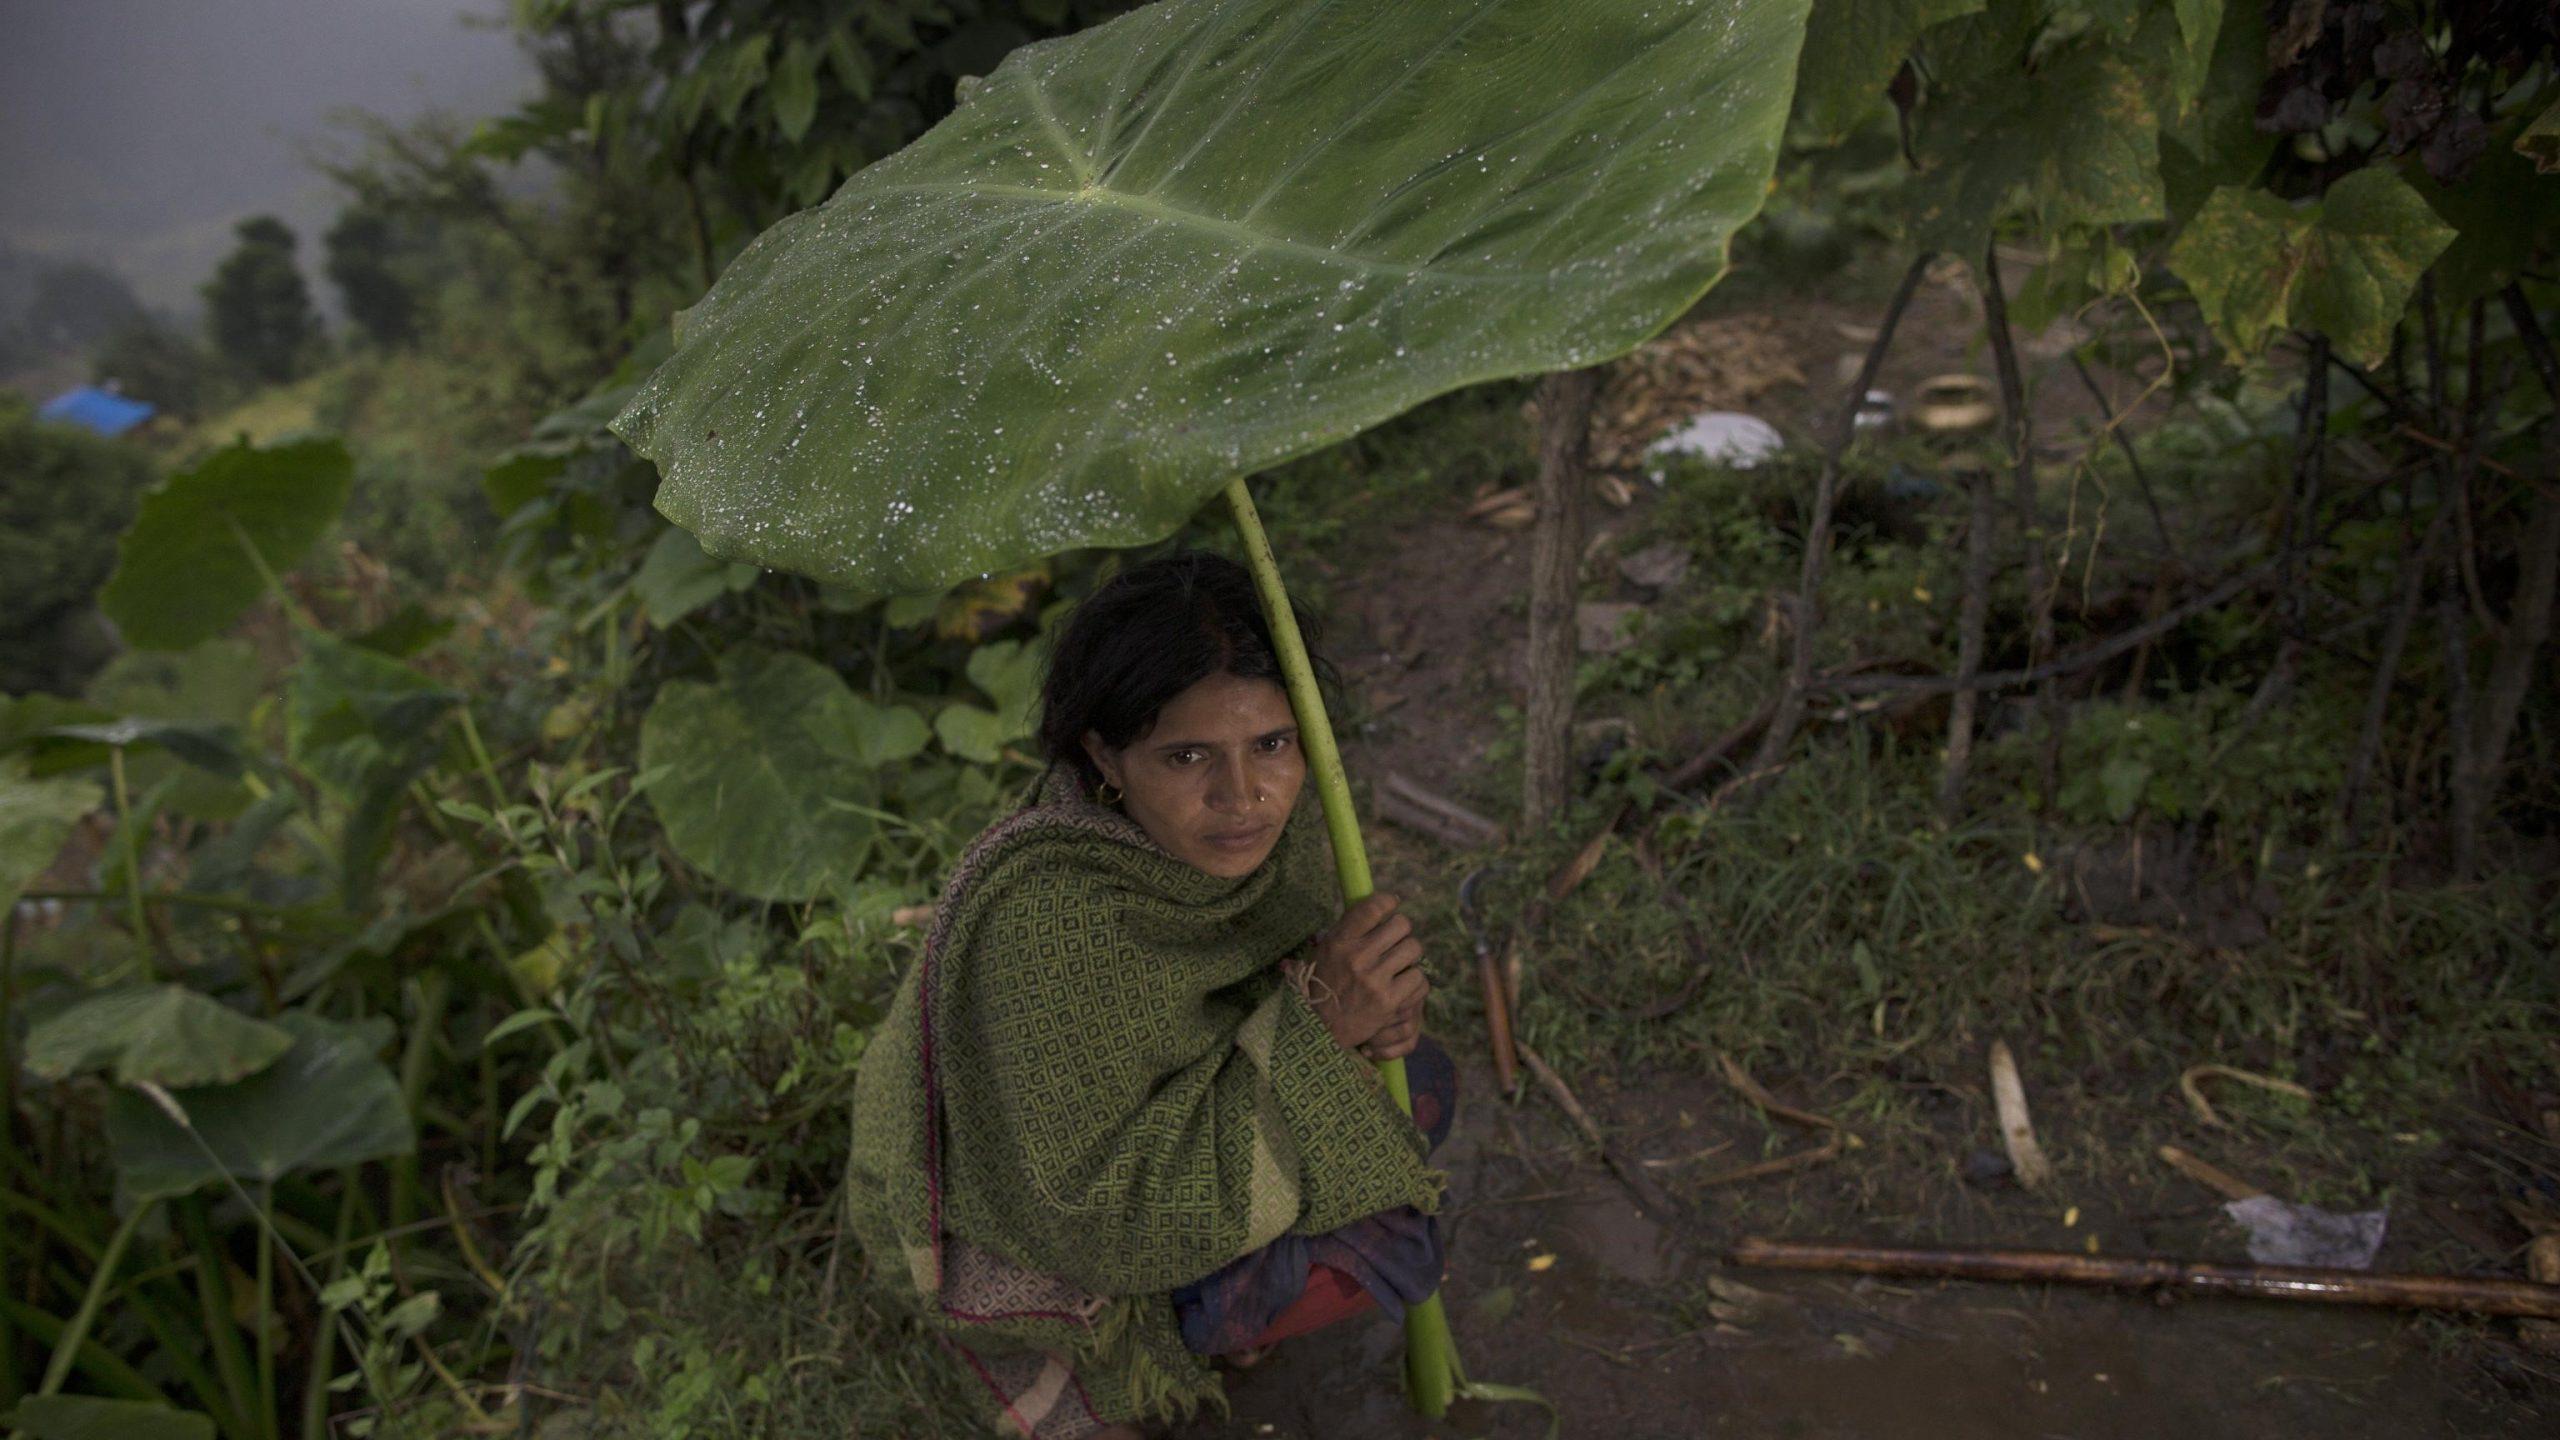 Il Nepal e l'usanza del Chaupadi, l'esilio delle donne con il ciclo: cos'è e perché si continua a morire